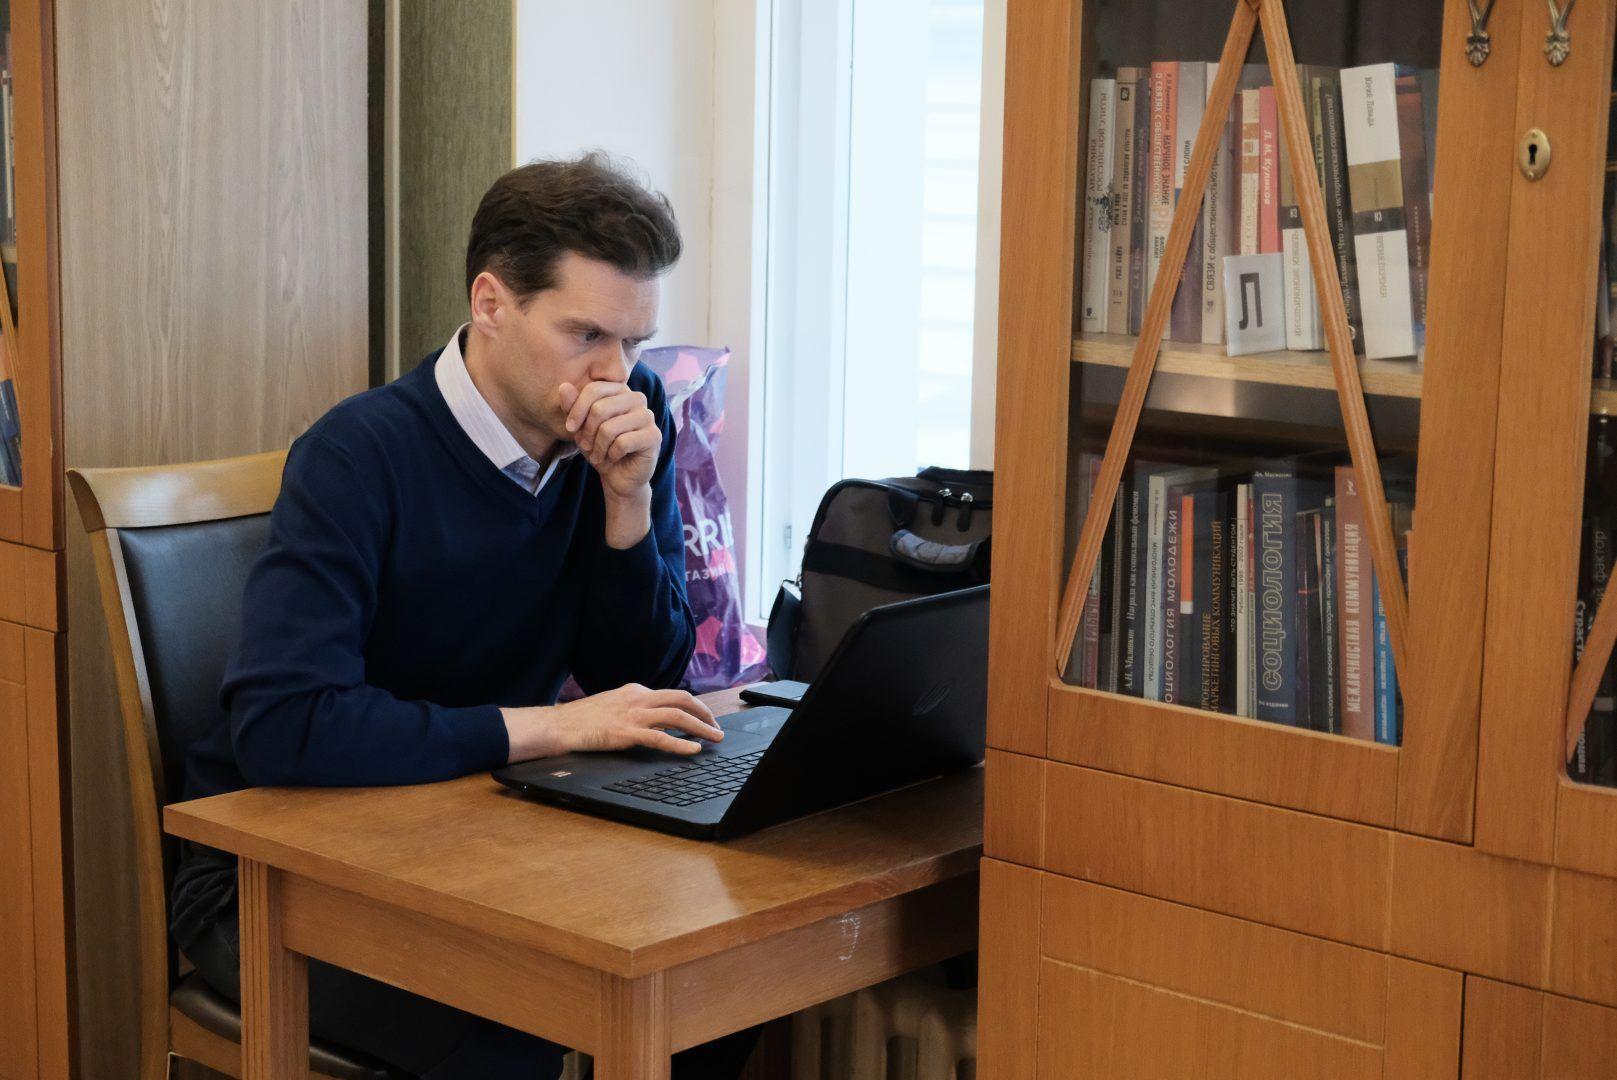 Воспользоваться Wi-Fi можно в большинстве городских читален. Фото: Максим Аносов